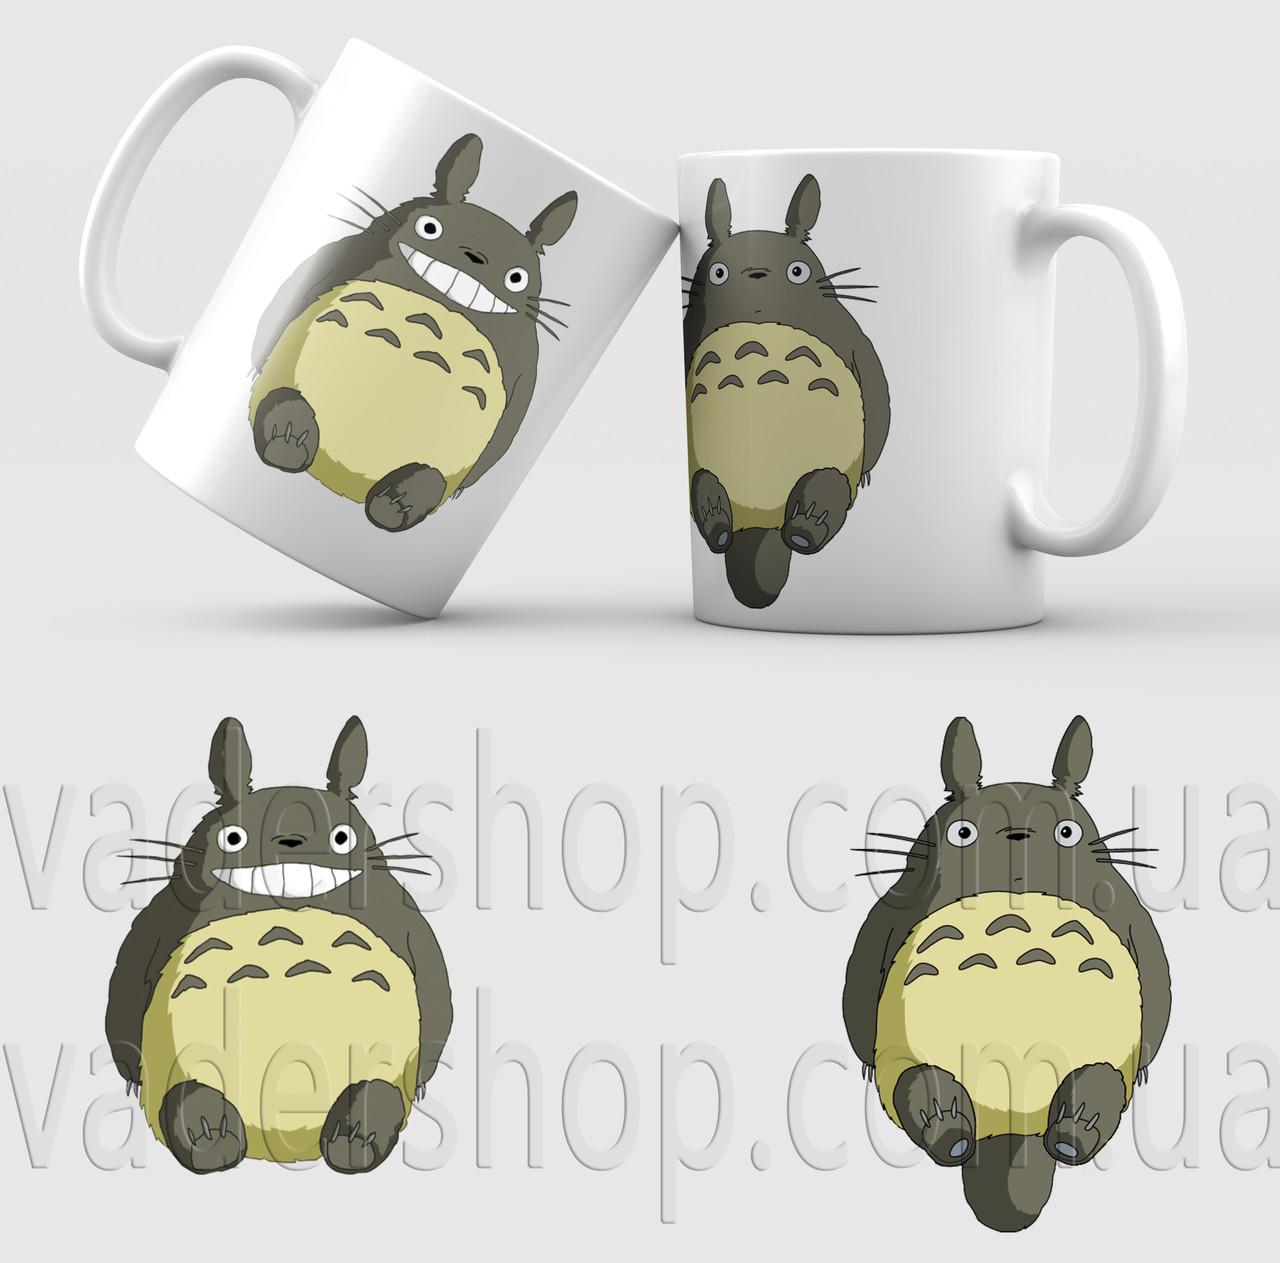 Чашка Тоторо. Аниме Мой сосед Тоторо. Totoro №12